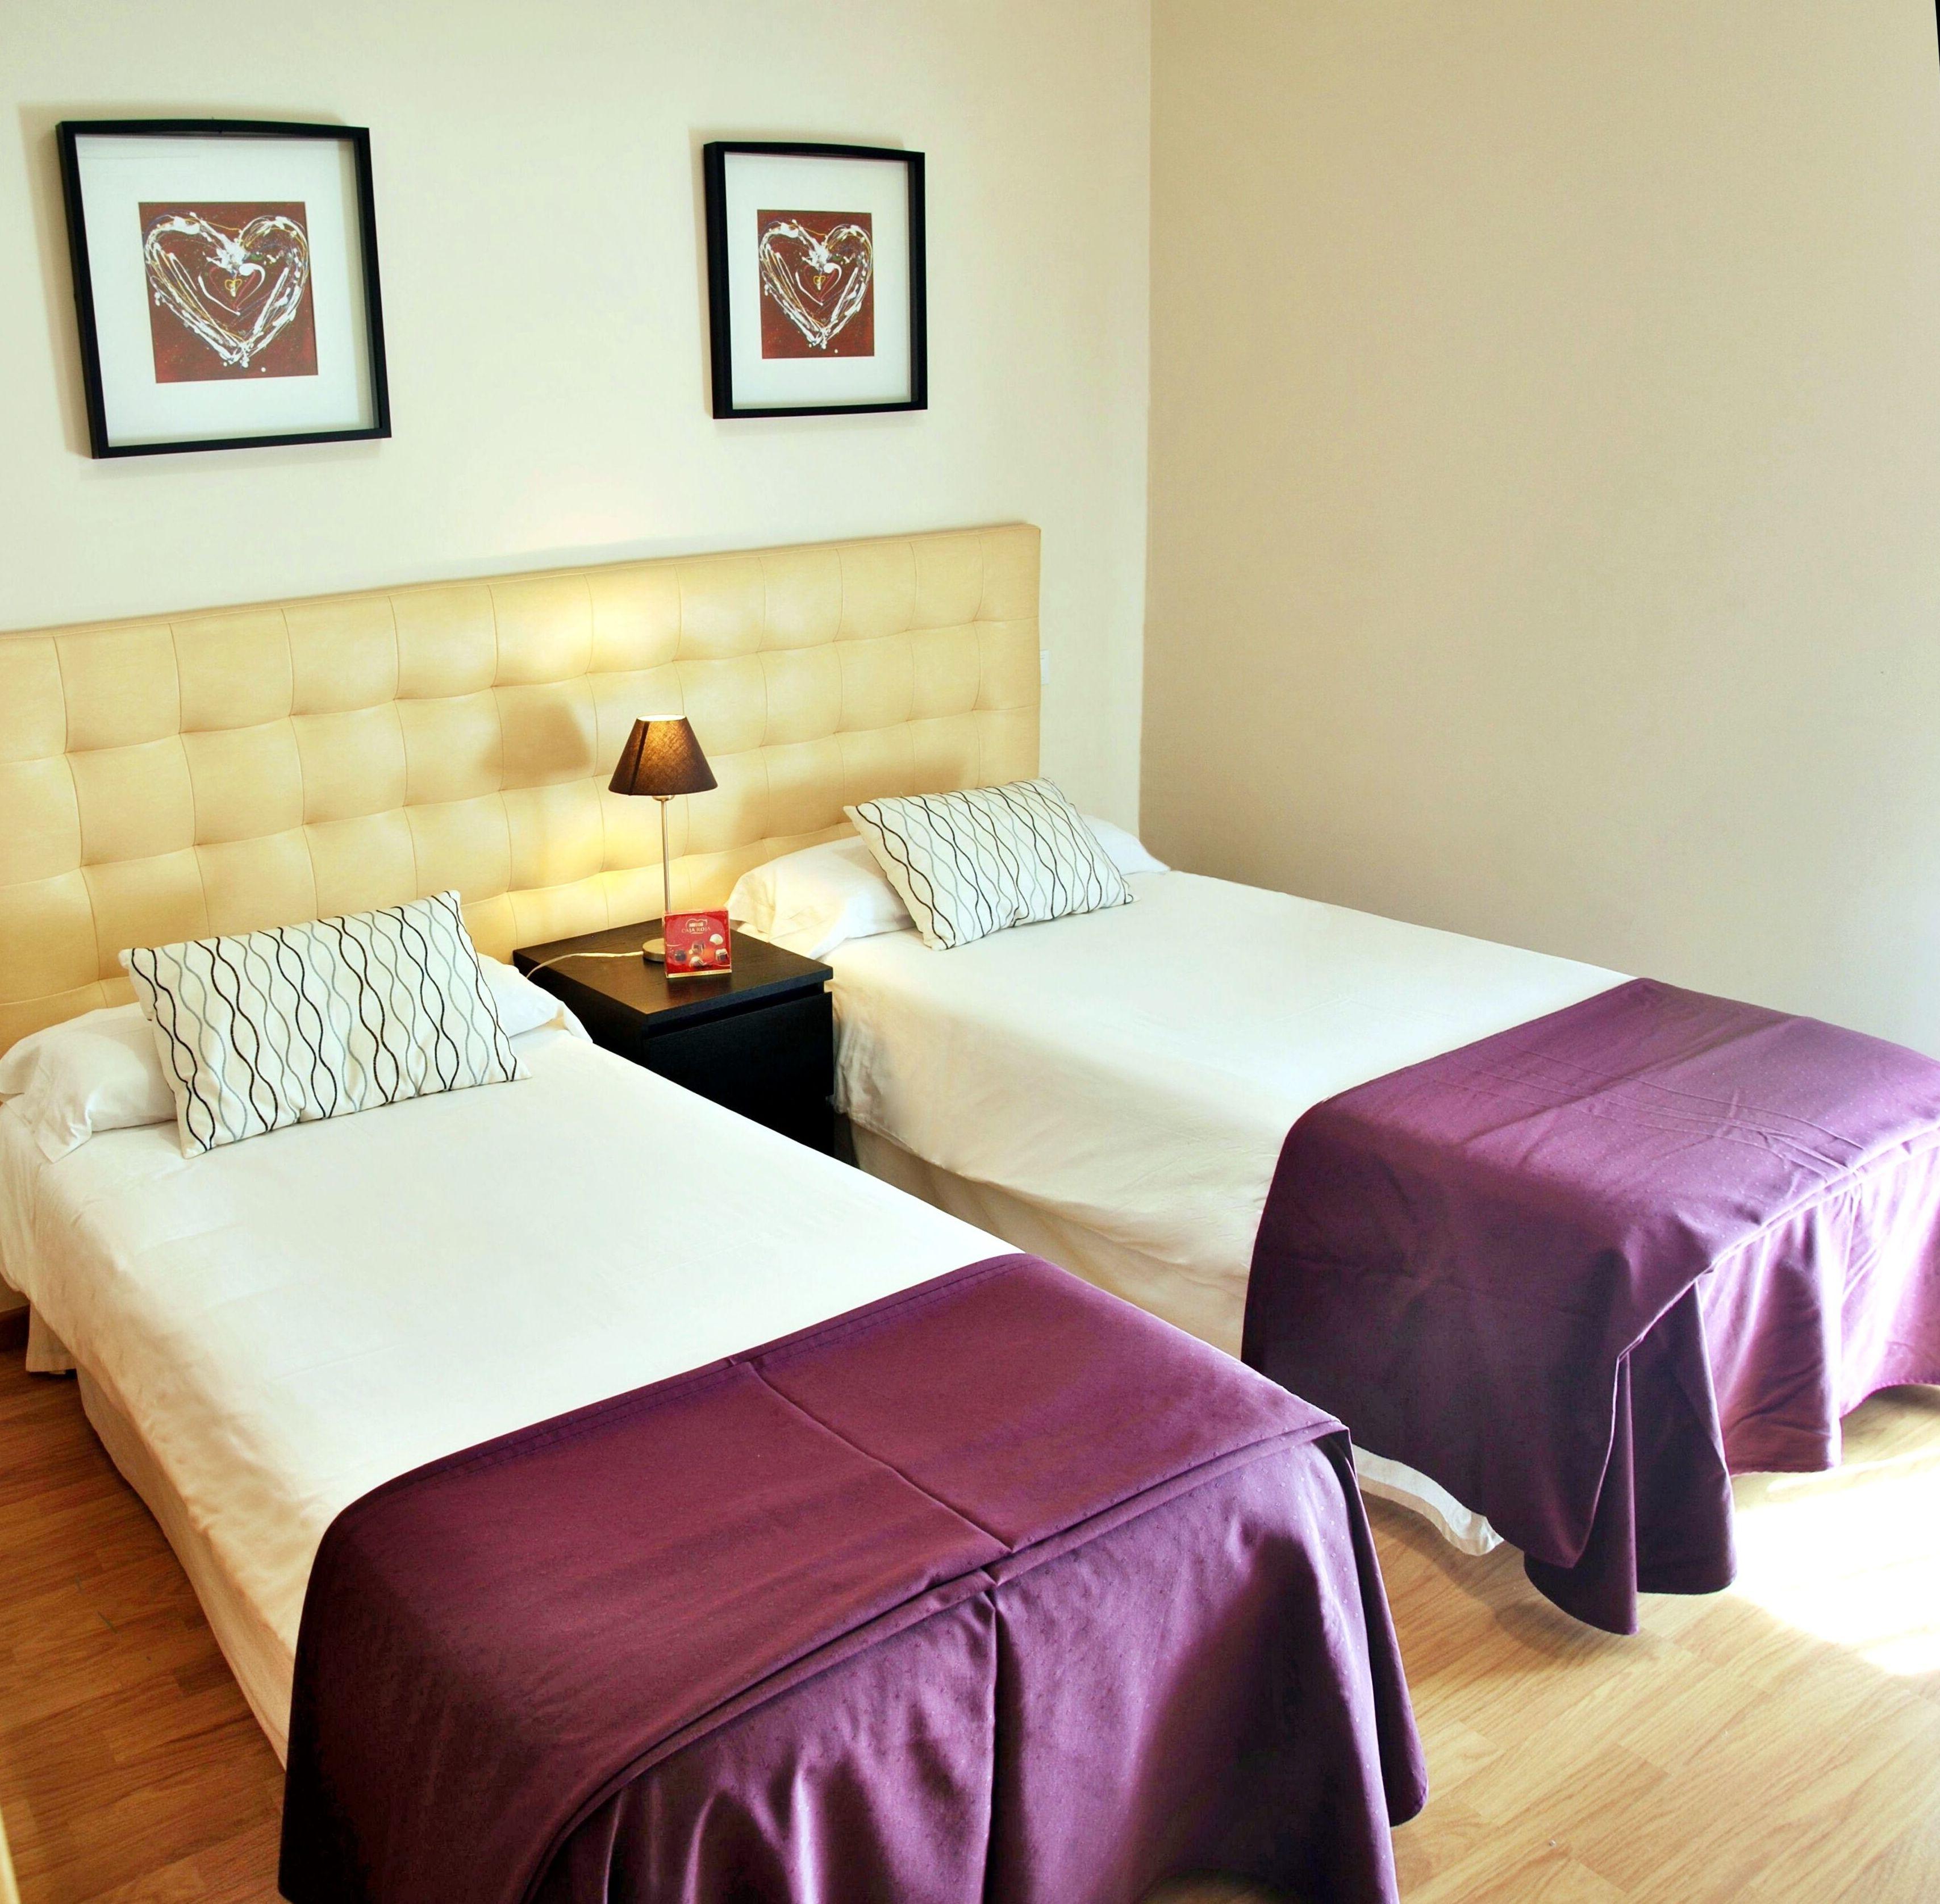 Habitaci n por horas en barajas madrid muy cerca del aeropuerto - Habitacion por dias madrid ...